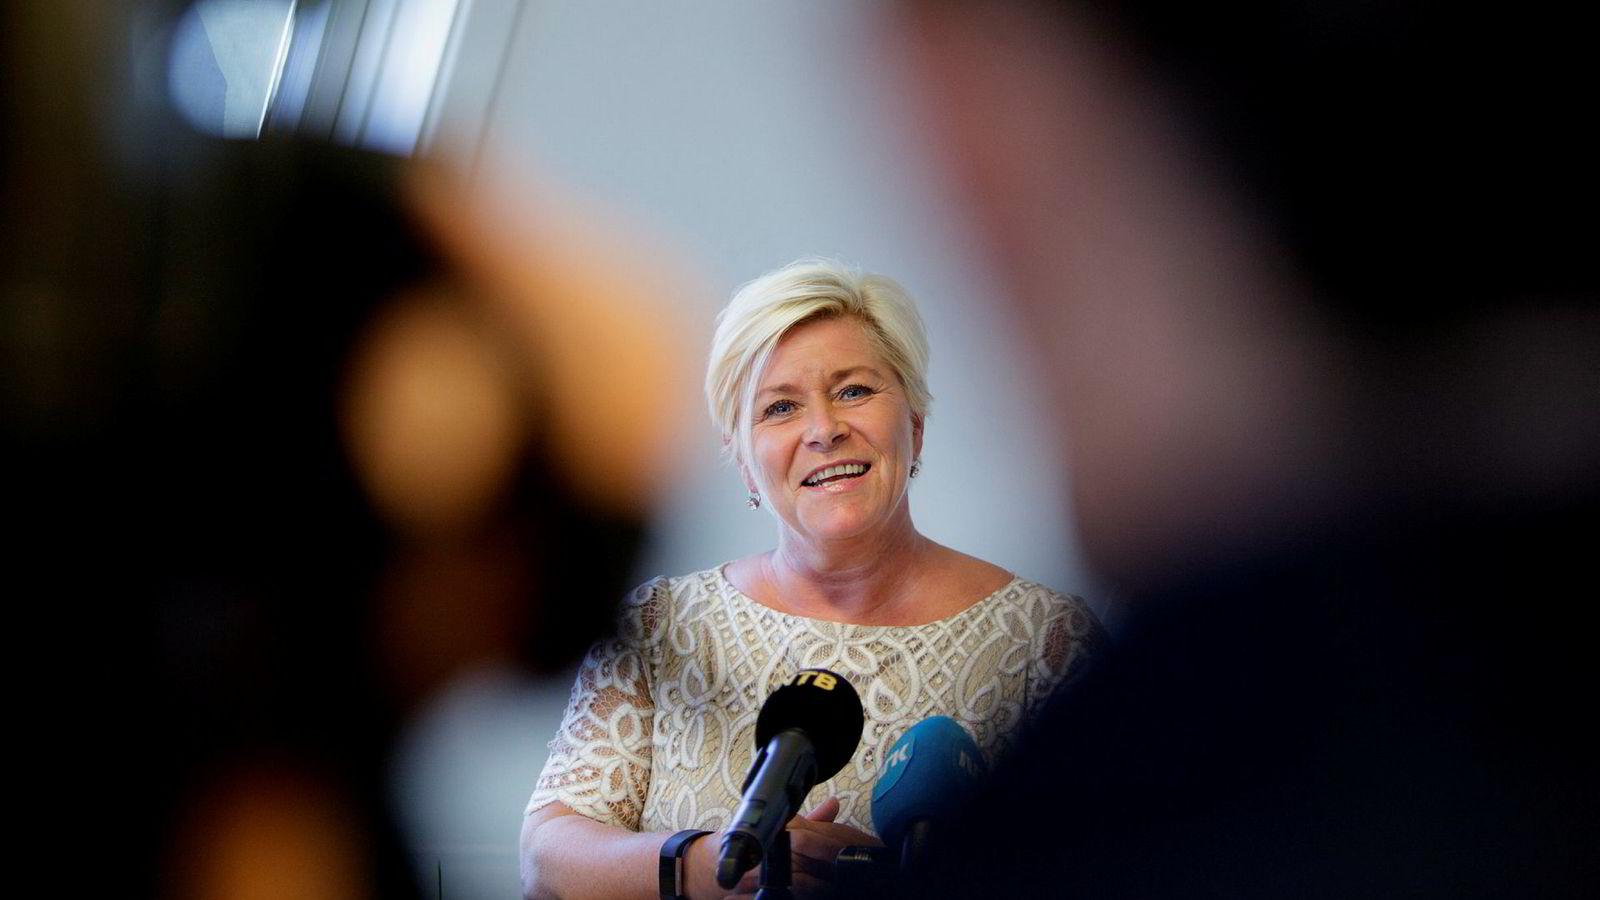 Finansminister Siv Jensen øker aksjerabatten i formuesskatten fra 20 til 25 prosent når statsbudsjettet legges frem mandag.